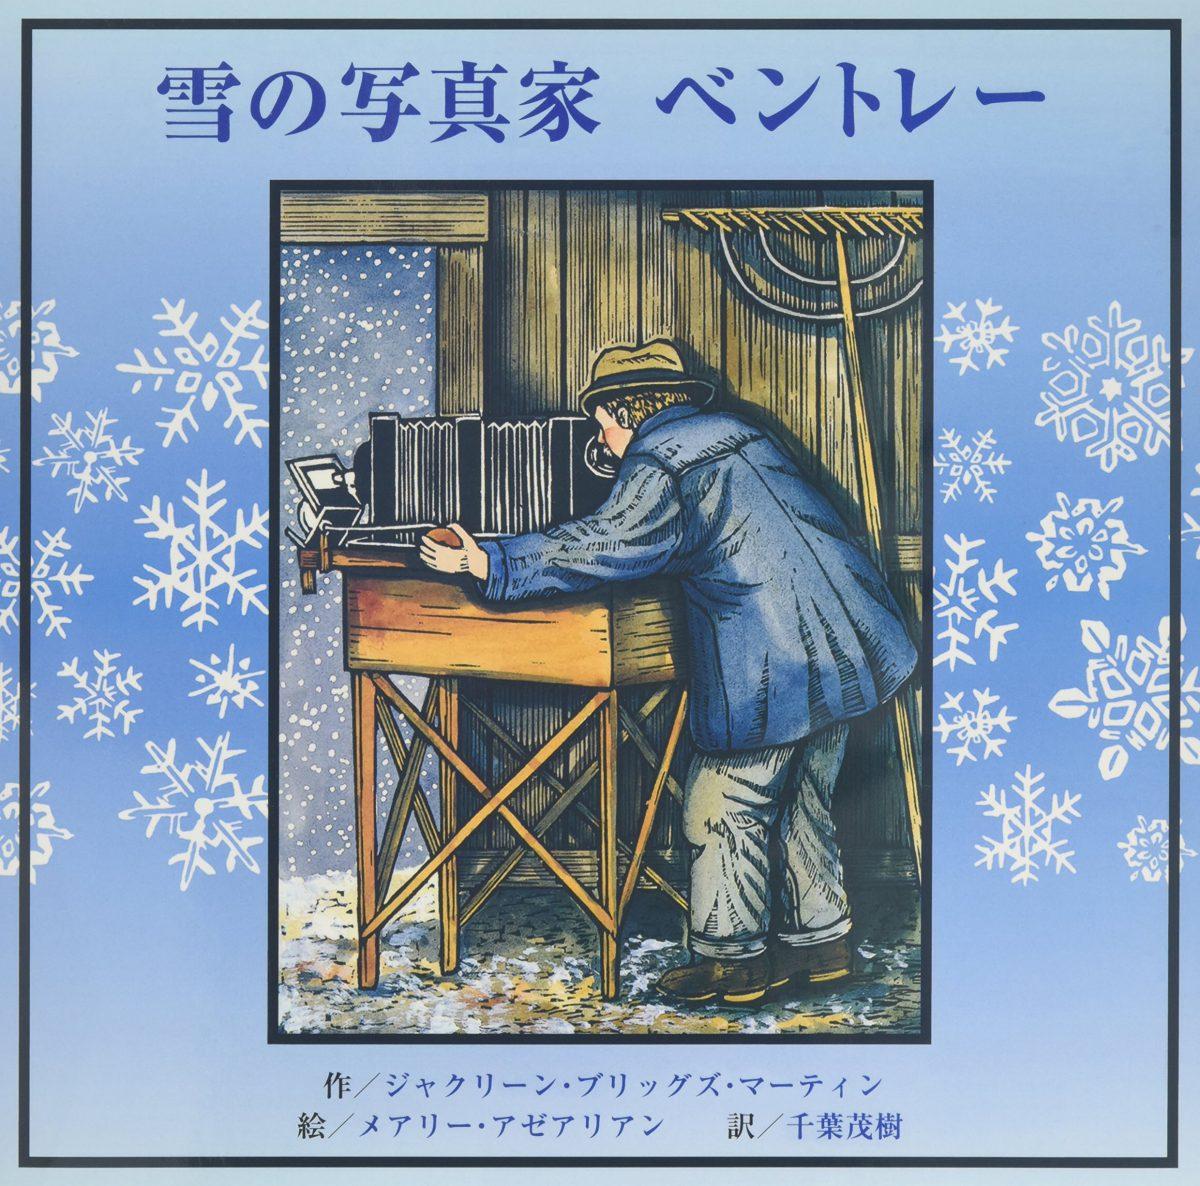 絵本「雪の写真家 ベントレー」の表紙